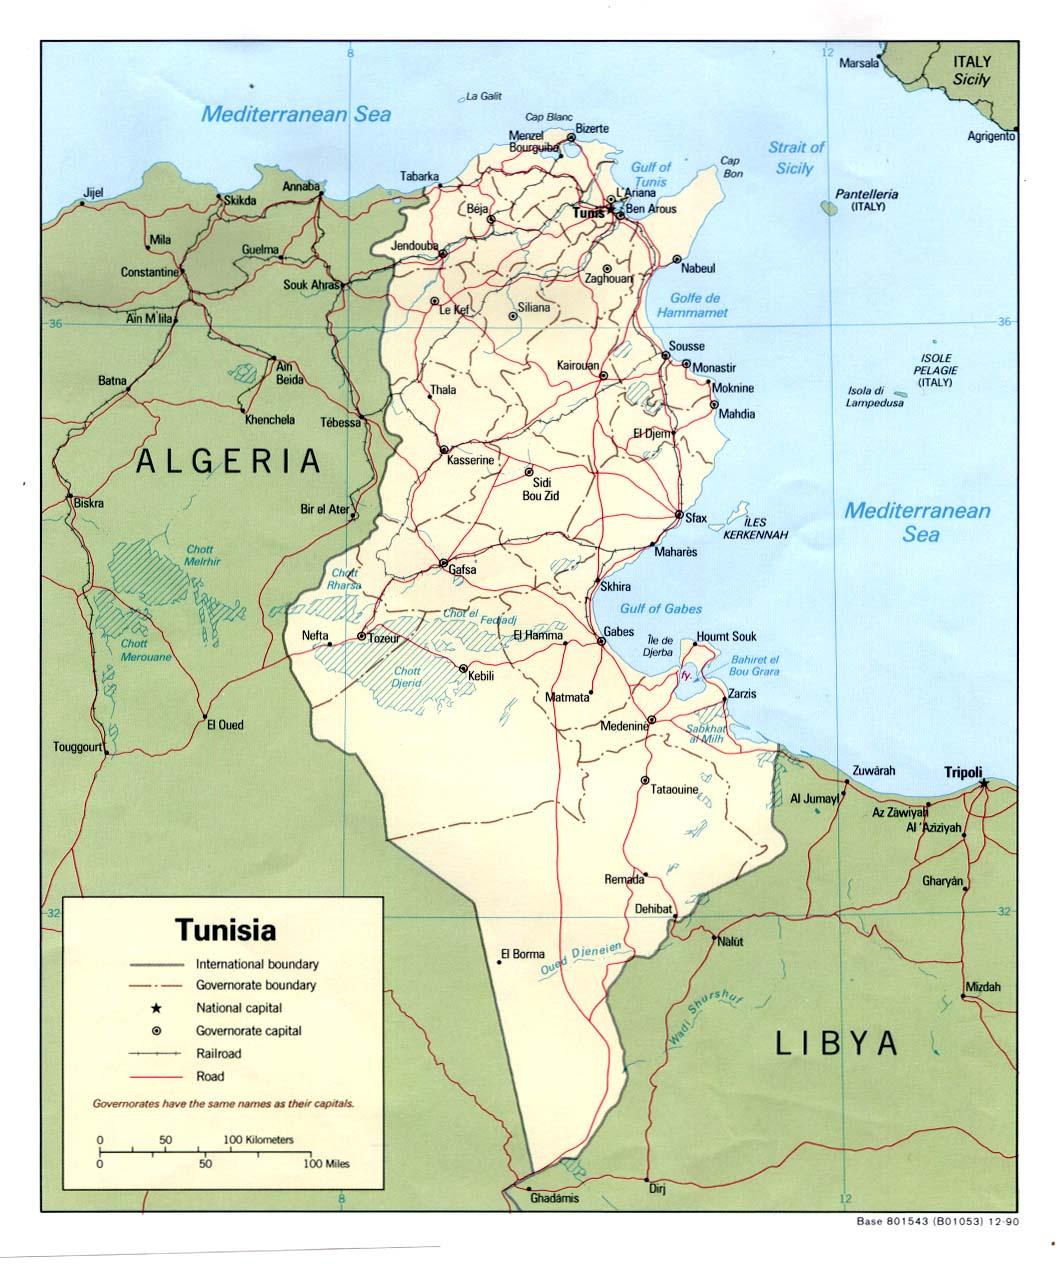 tunisia_pol_1990